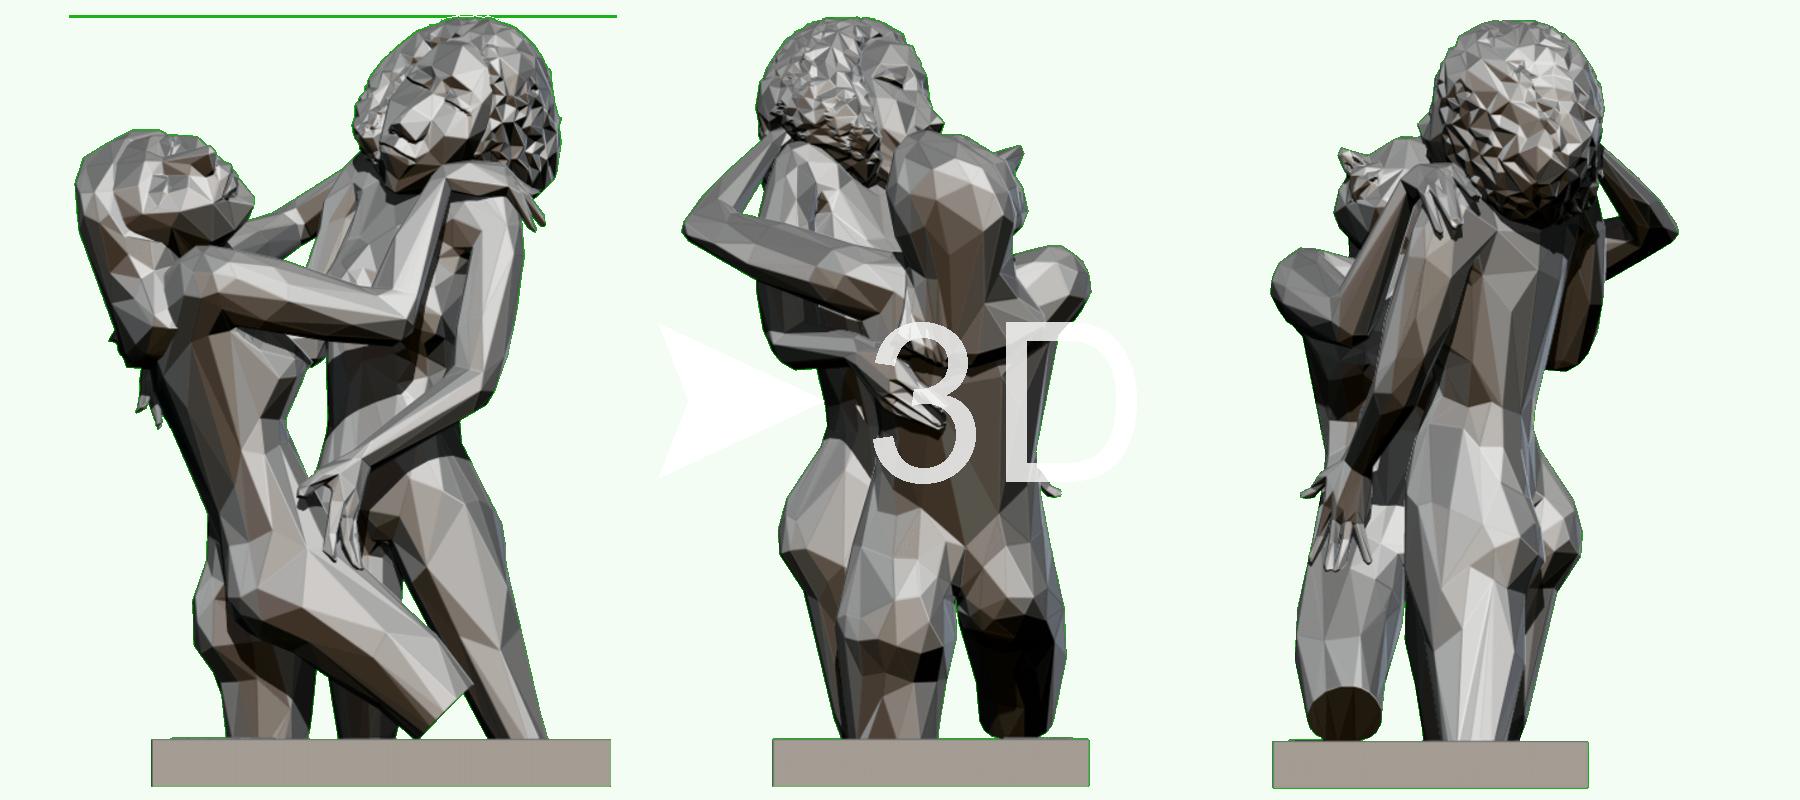 3d sculpture from artwork